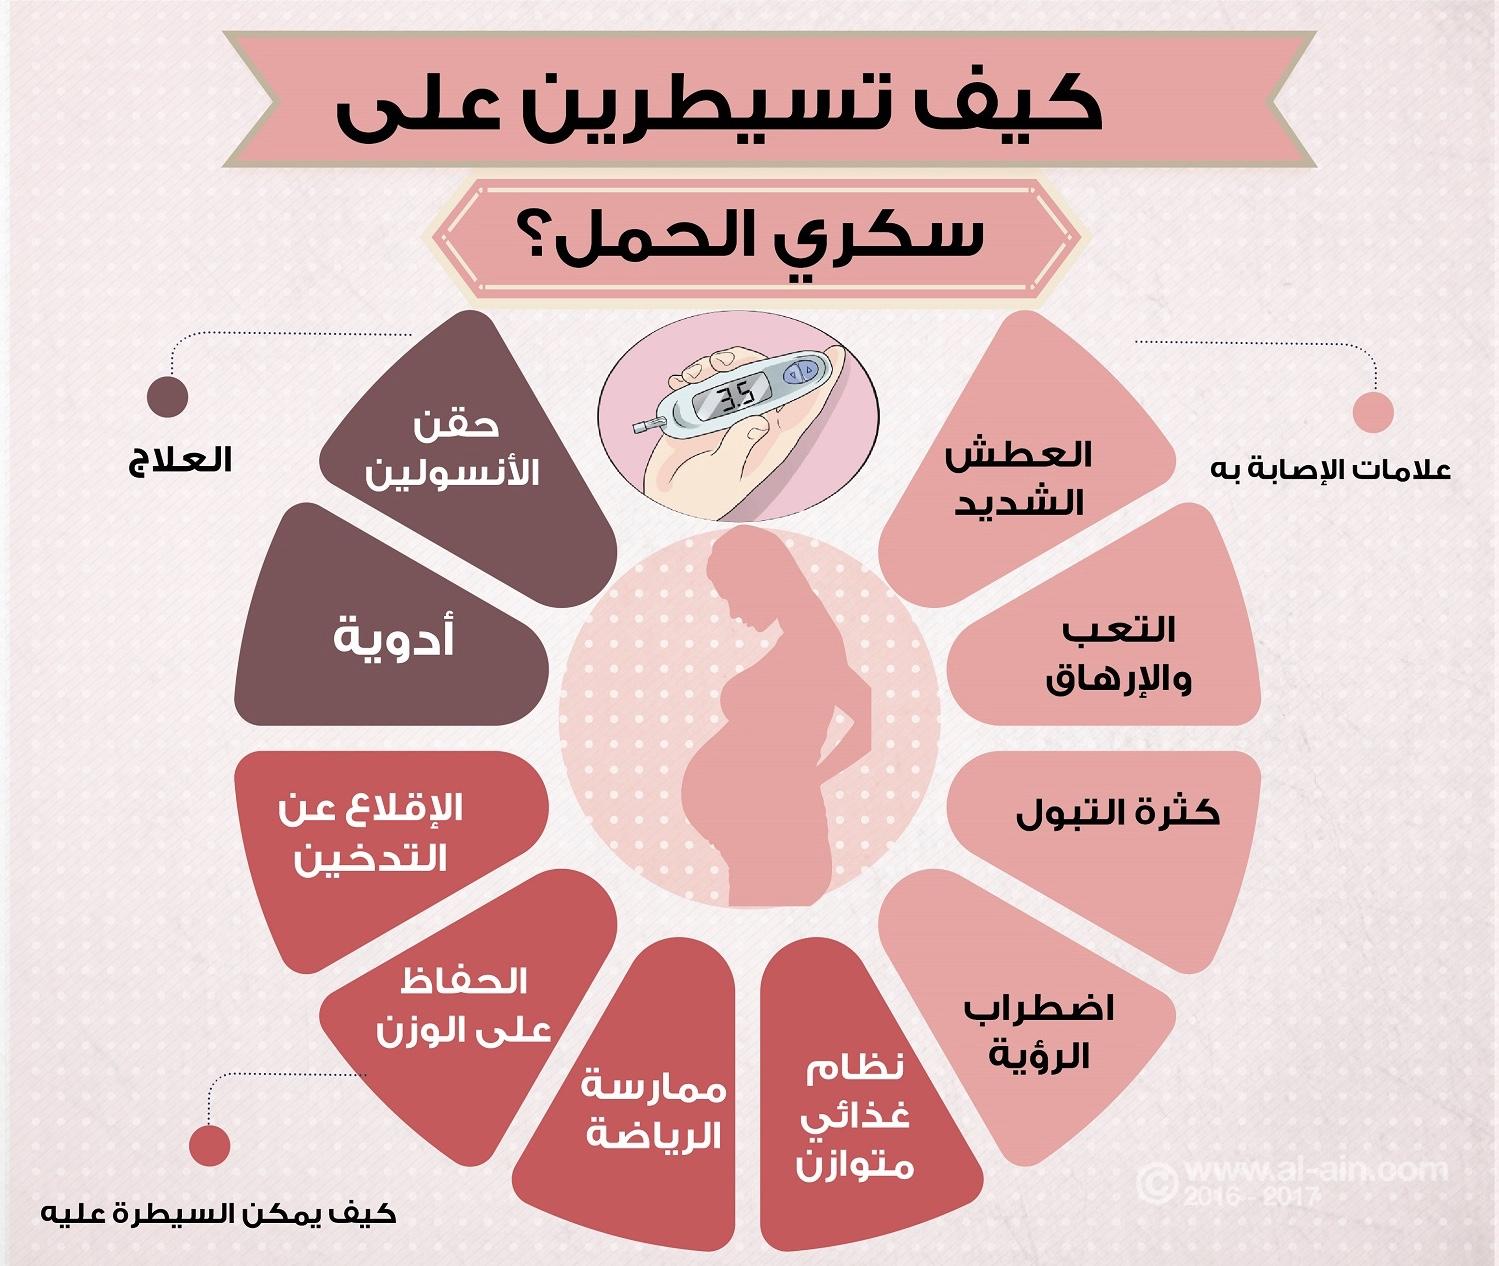 صور اعراض سكر الحمل , تاثير سكر الحمل علي المراه و الجنين